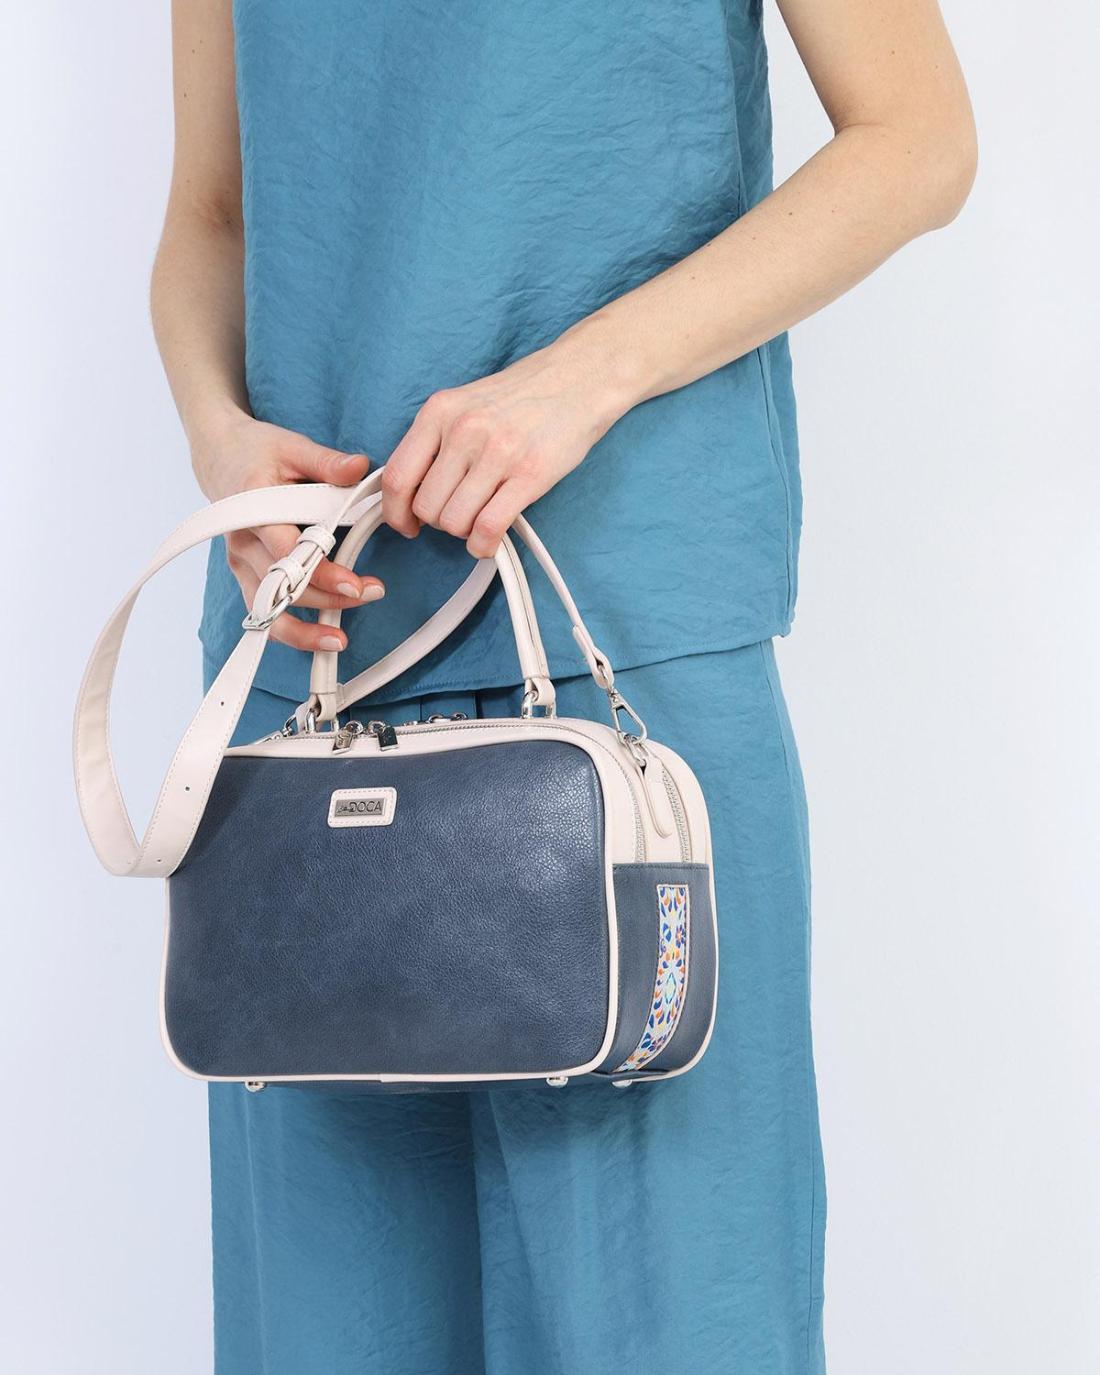 Orange handbag